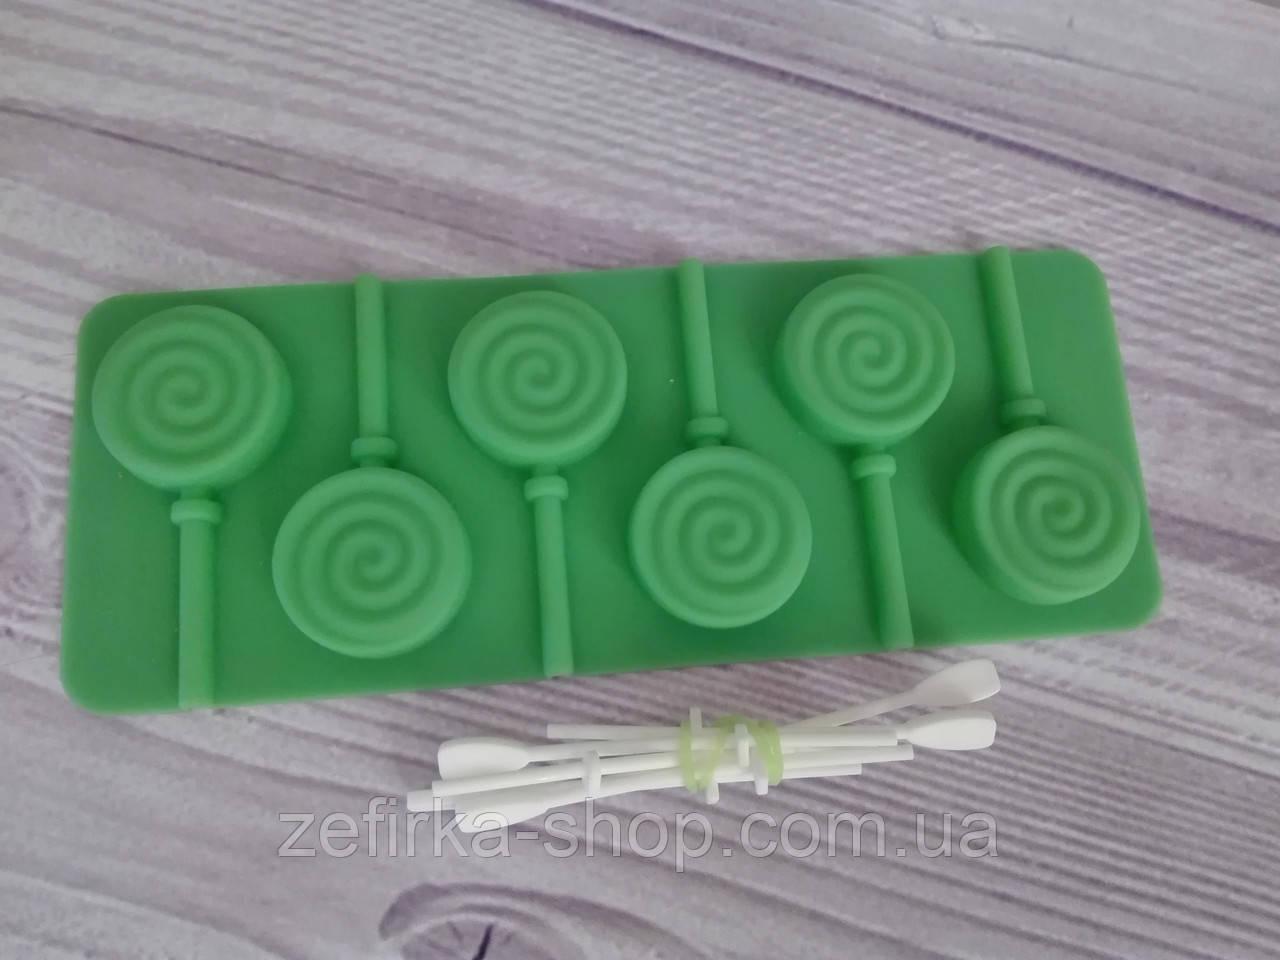 Силиконовая форма для конфет с палочками Леденец